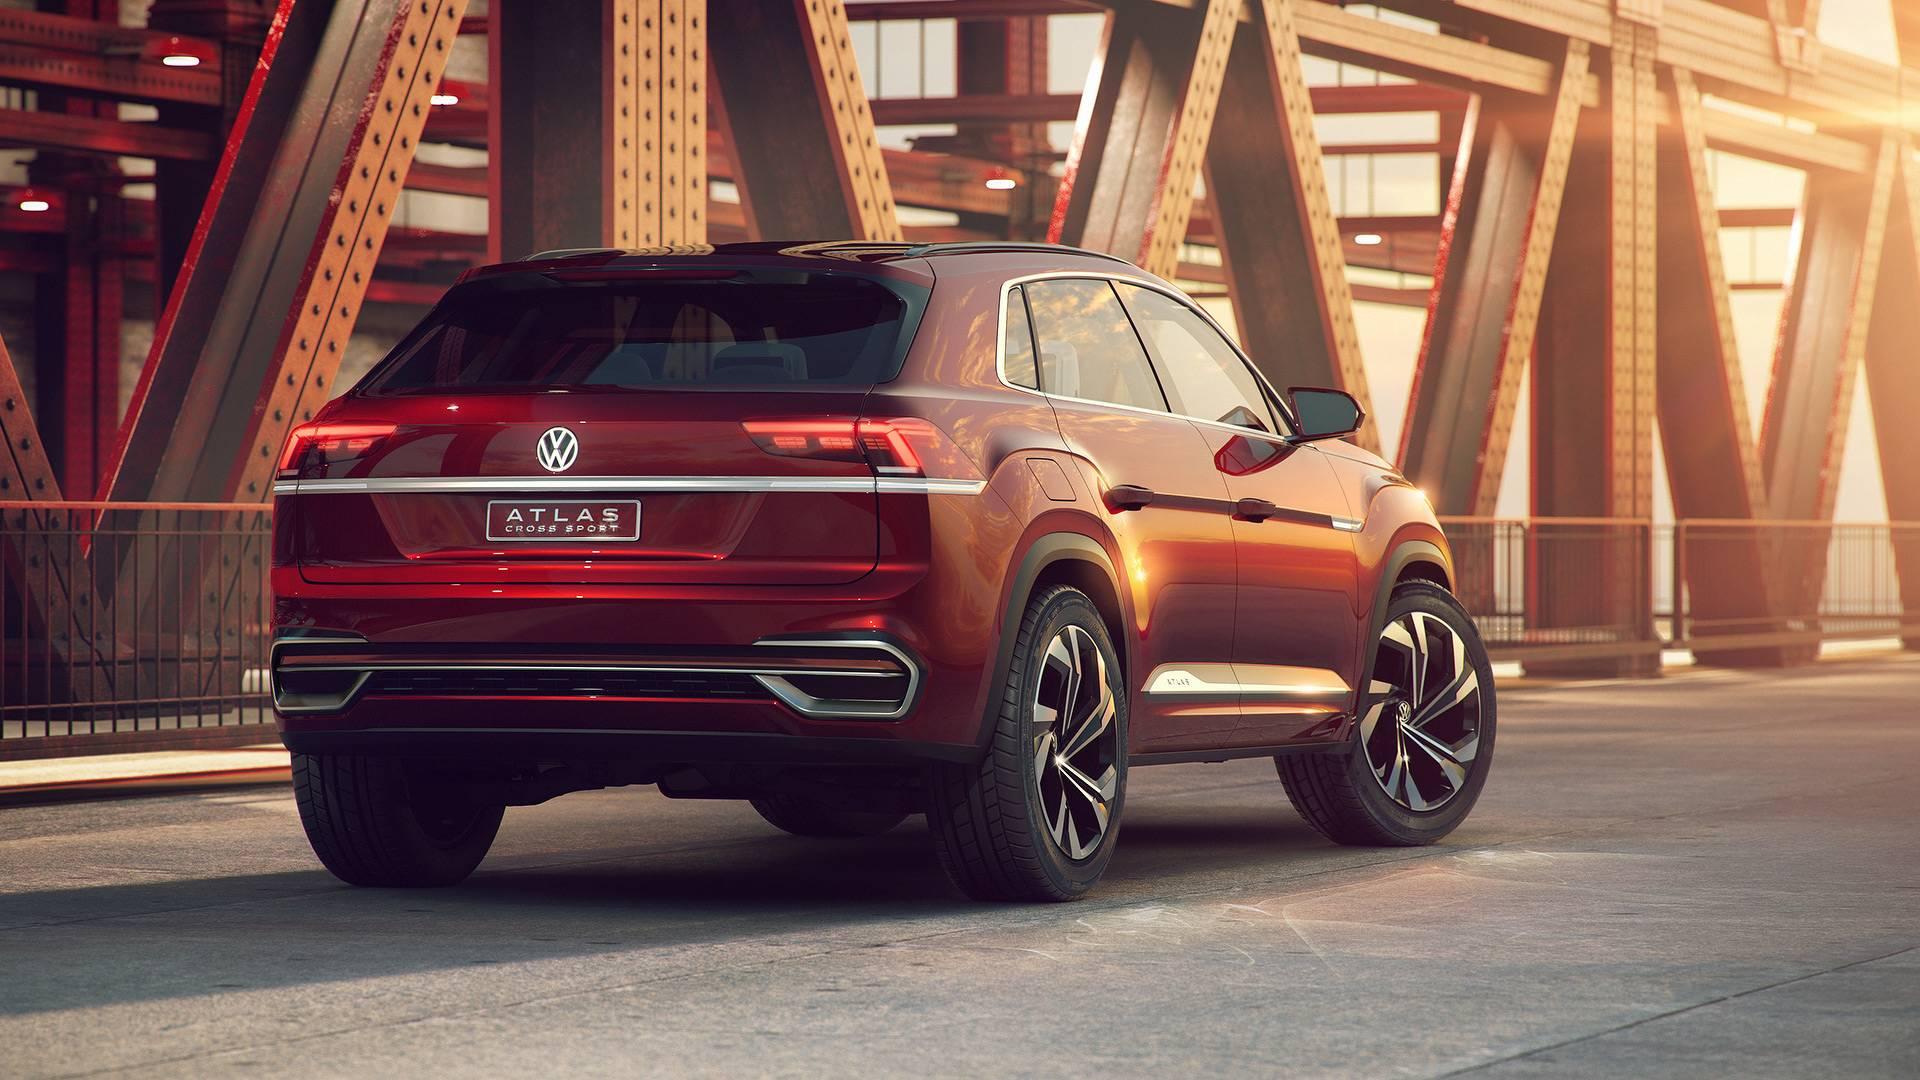 Volkswagen-Atlas-Cross-Sport-Concept